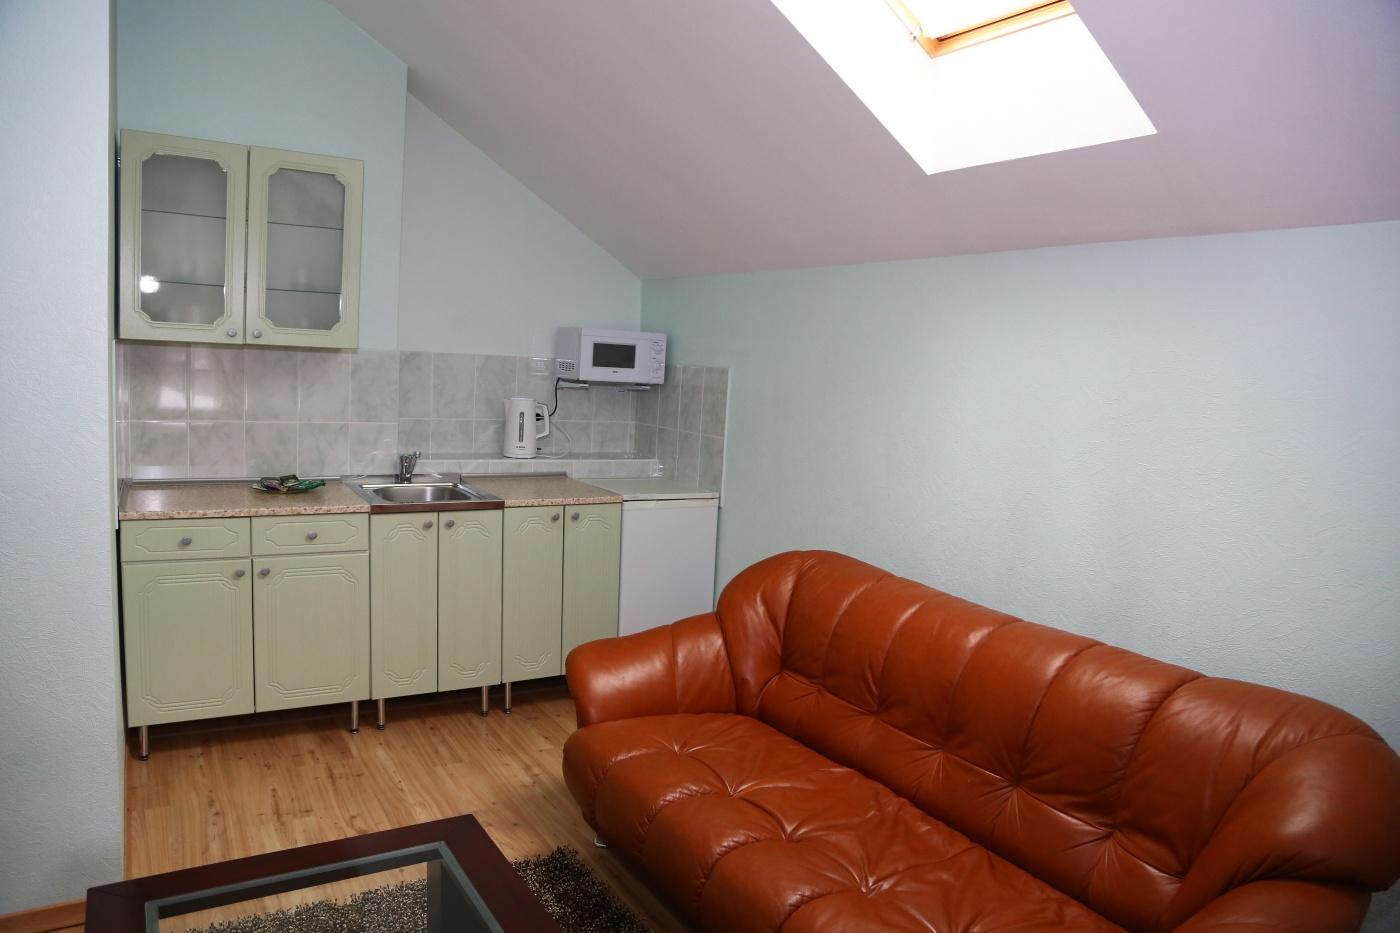 Загородный отель «Плесков» Псковская область Апартаменты № 4, фото 5